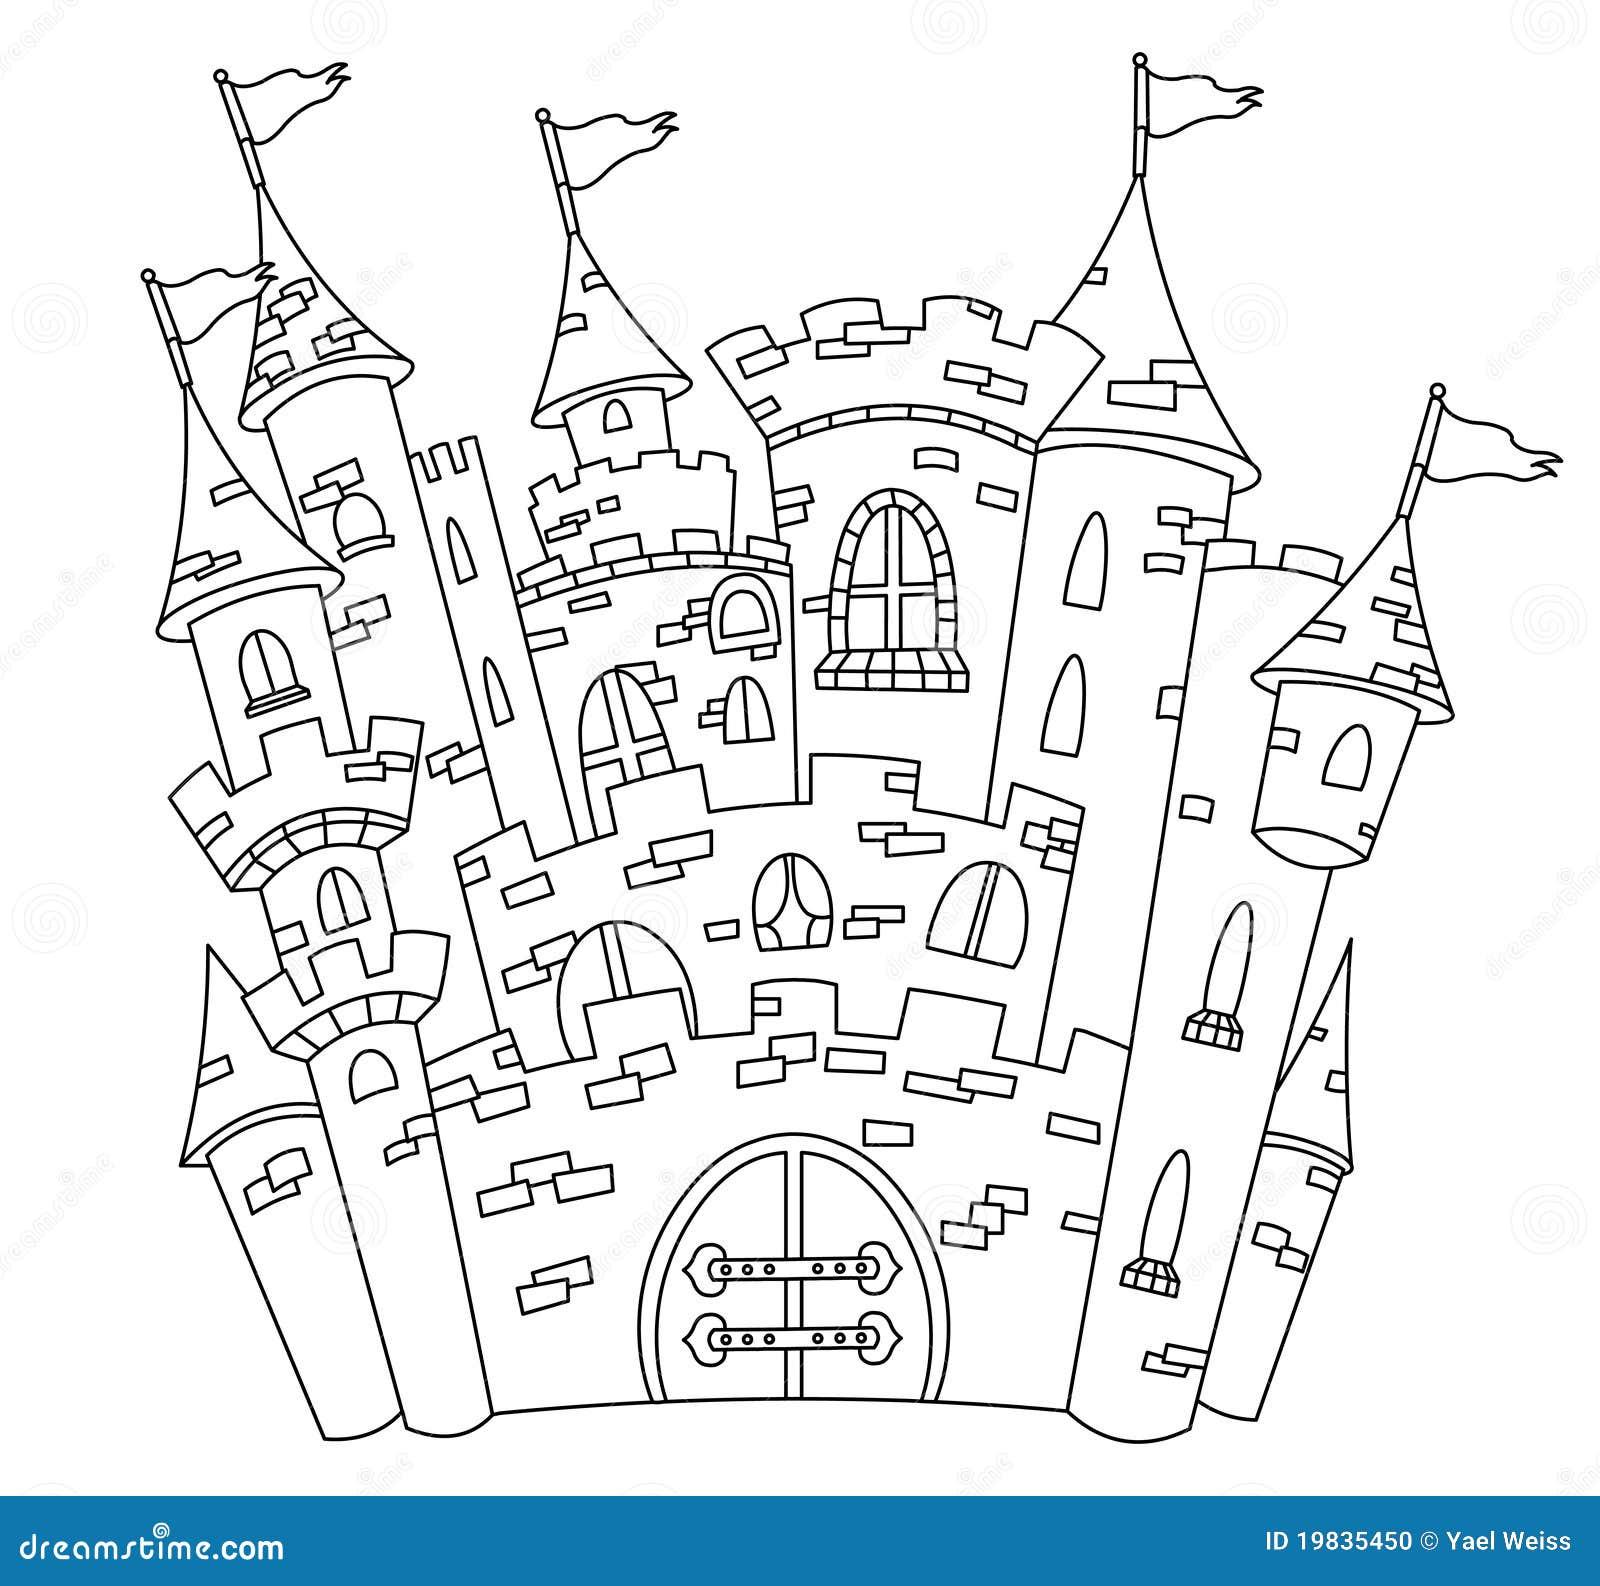 geschetst kasteel vector illustratie illustratie